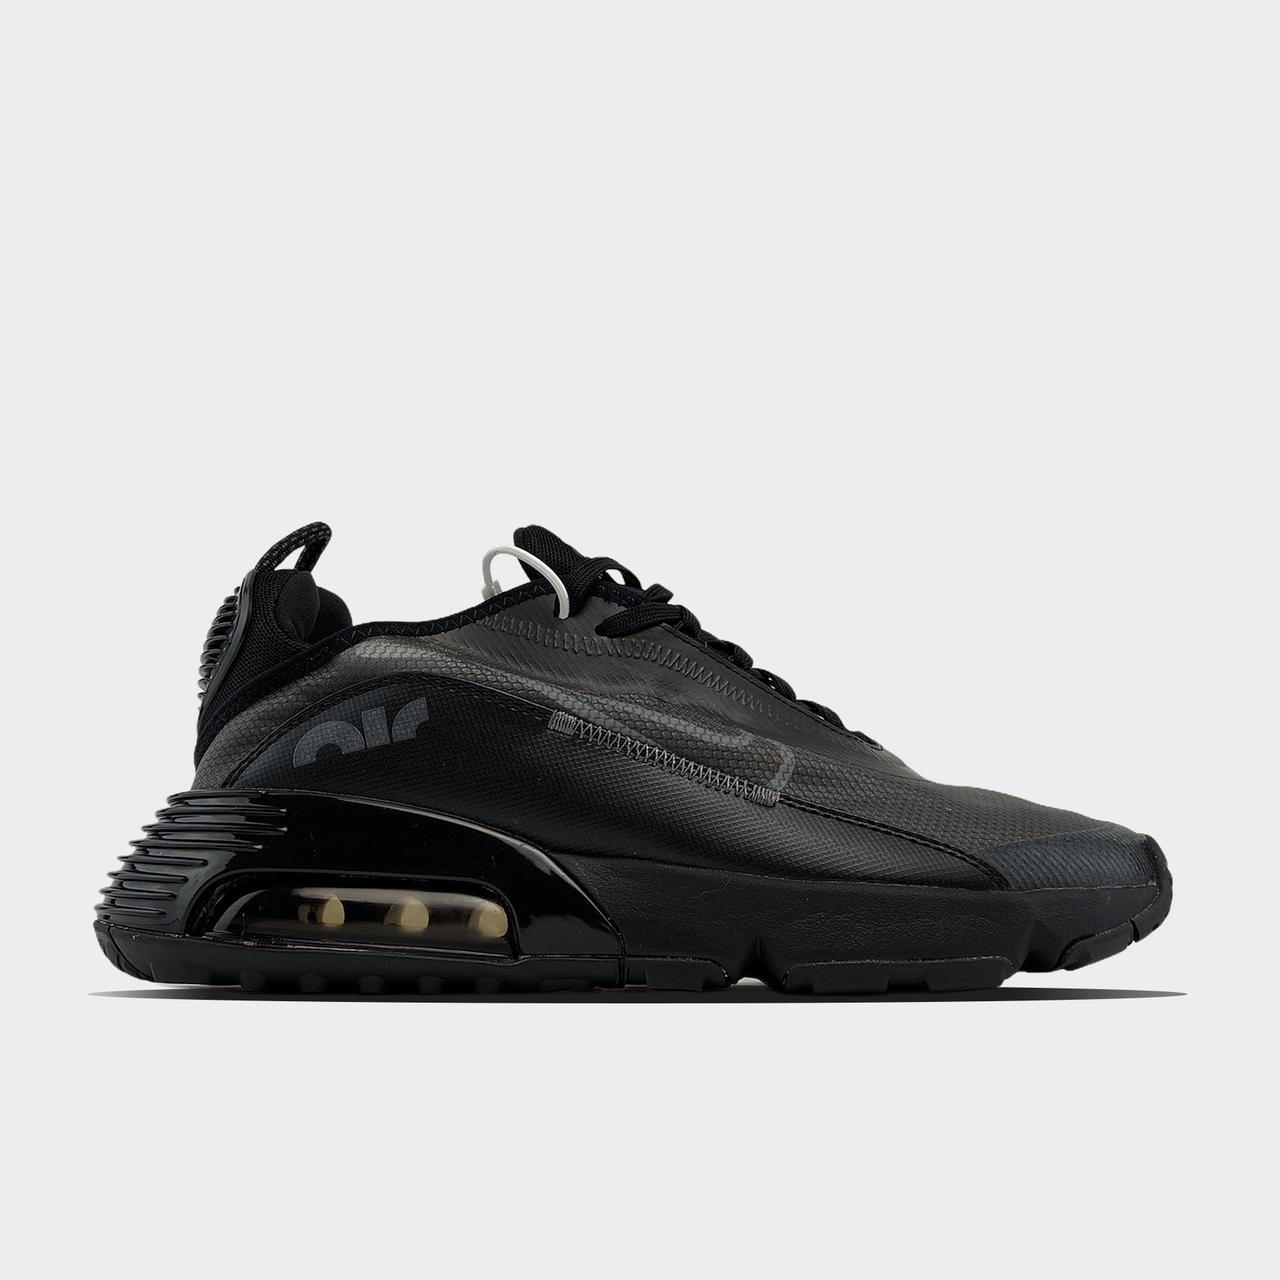 Nike Air Max 2090 Black (Чорний)